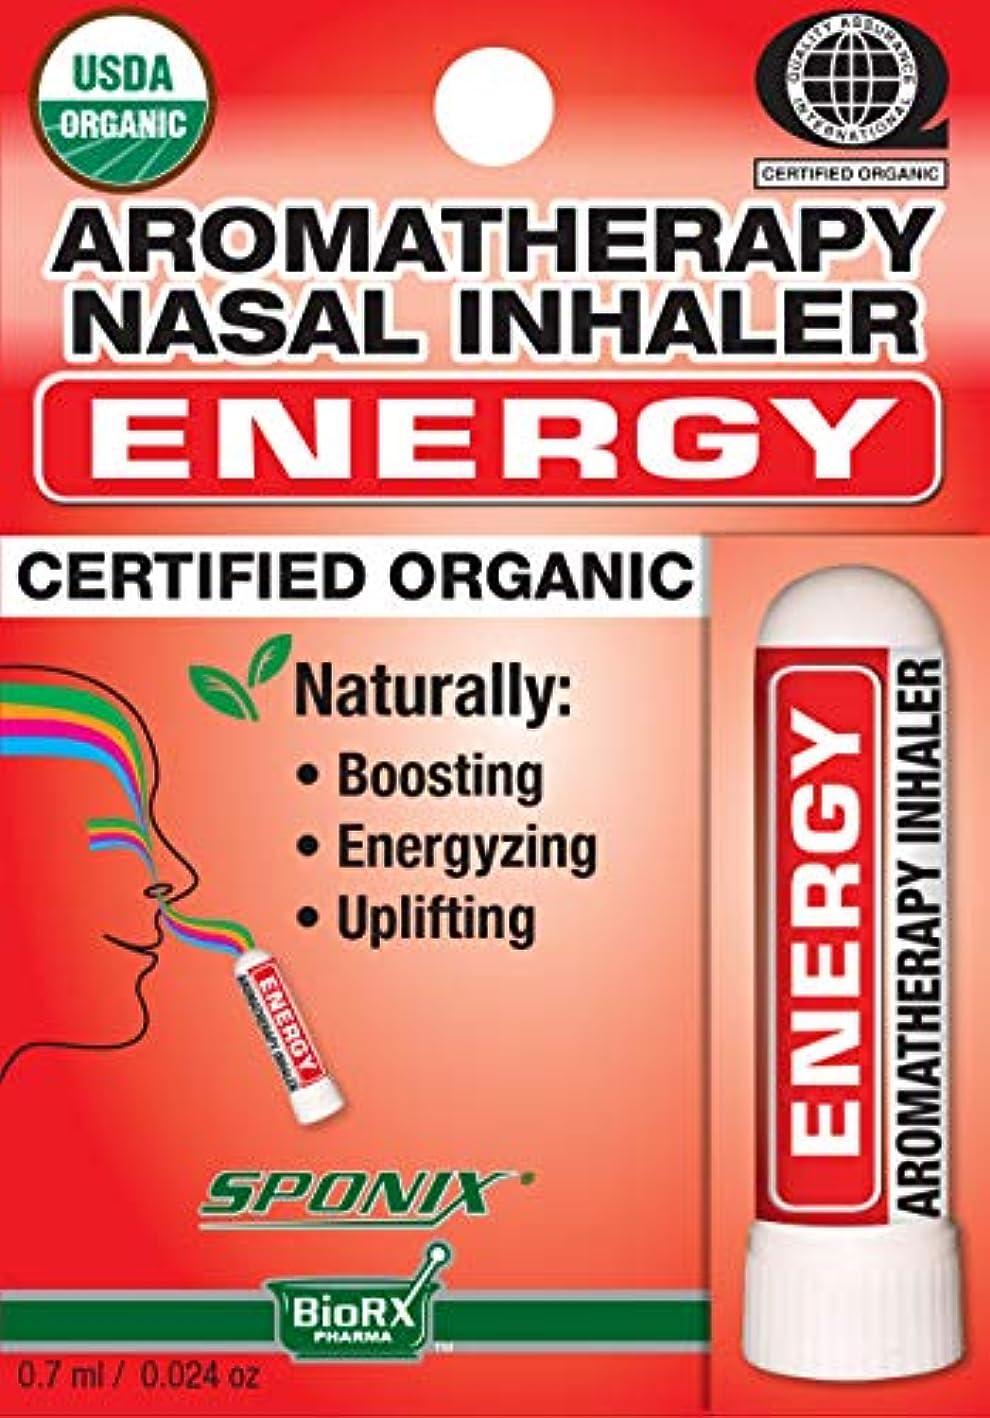 反対するシュート減らすSponixアロマテラピー鼻用吸入器 - エネルギー - 0.7 mL - USDAオーガニック、100%純粋な天然精油から作られた